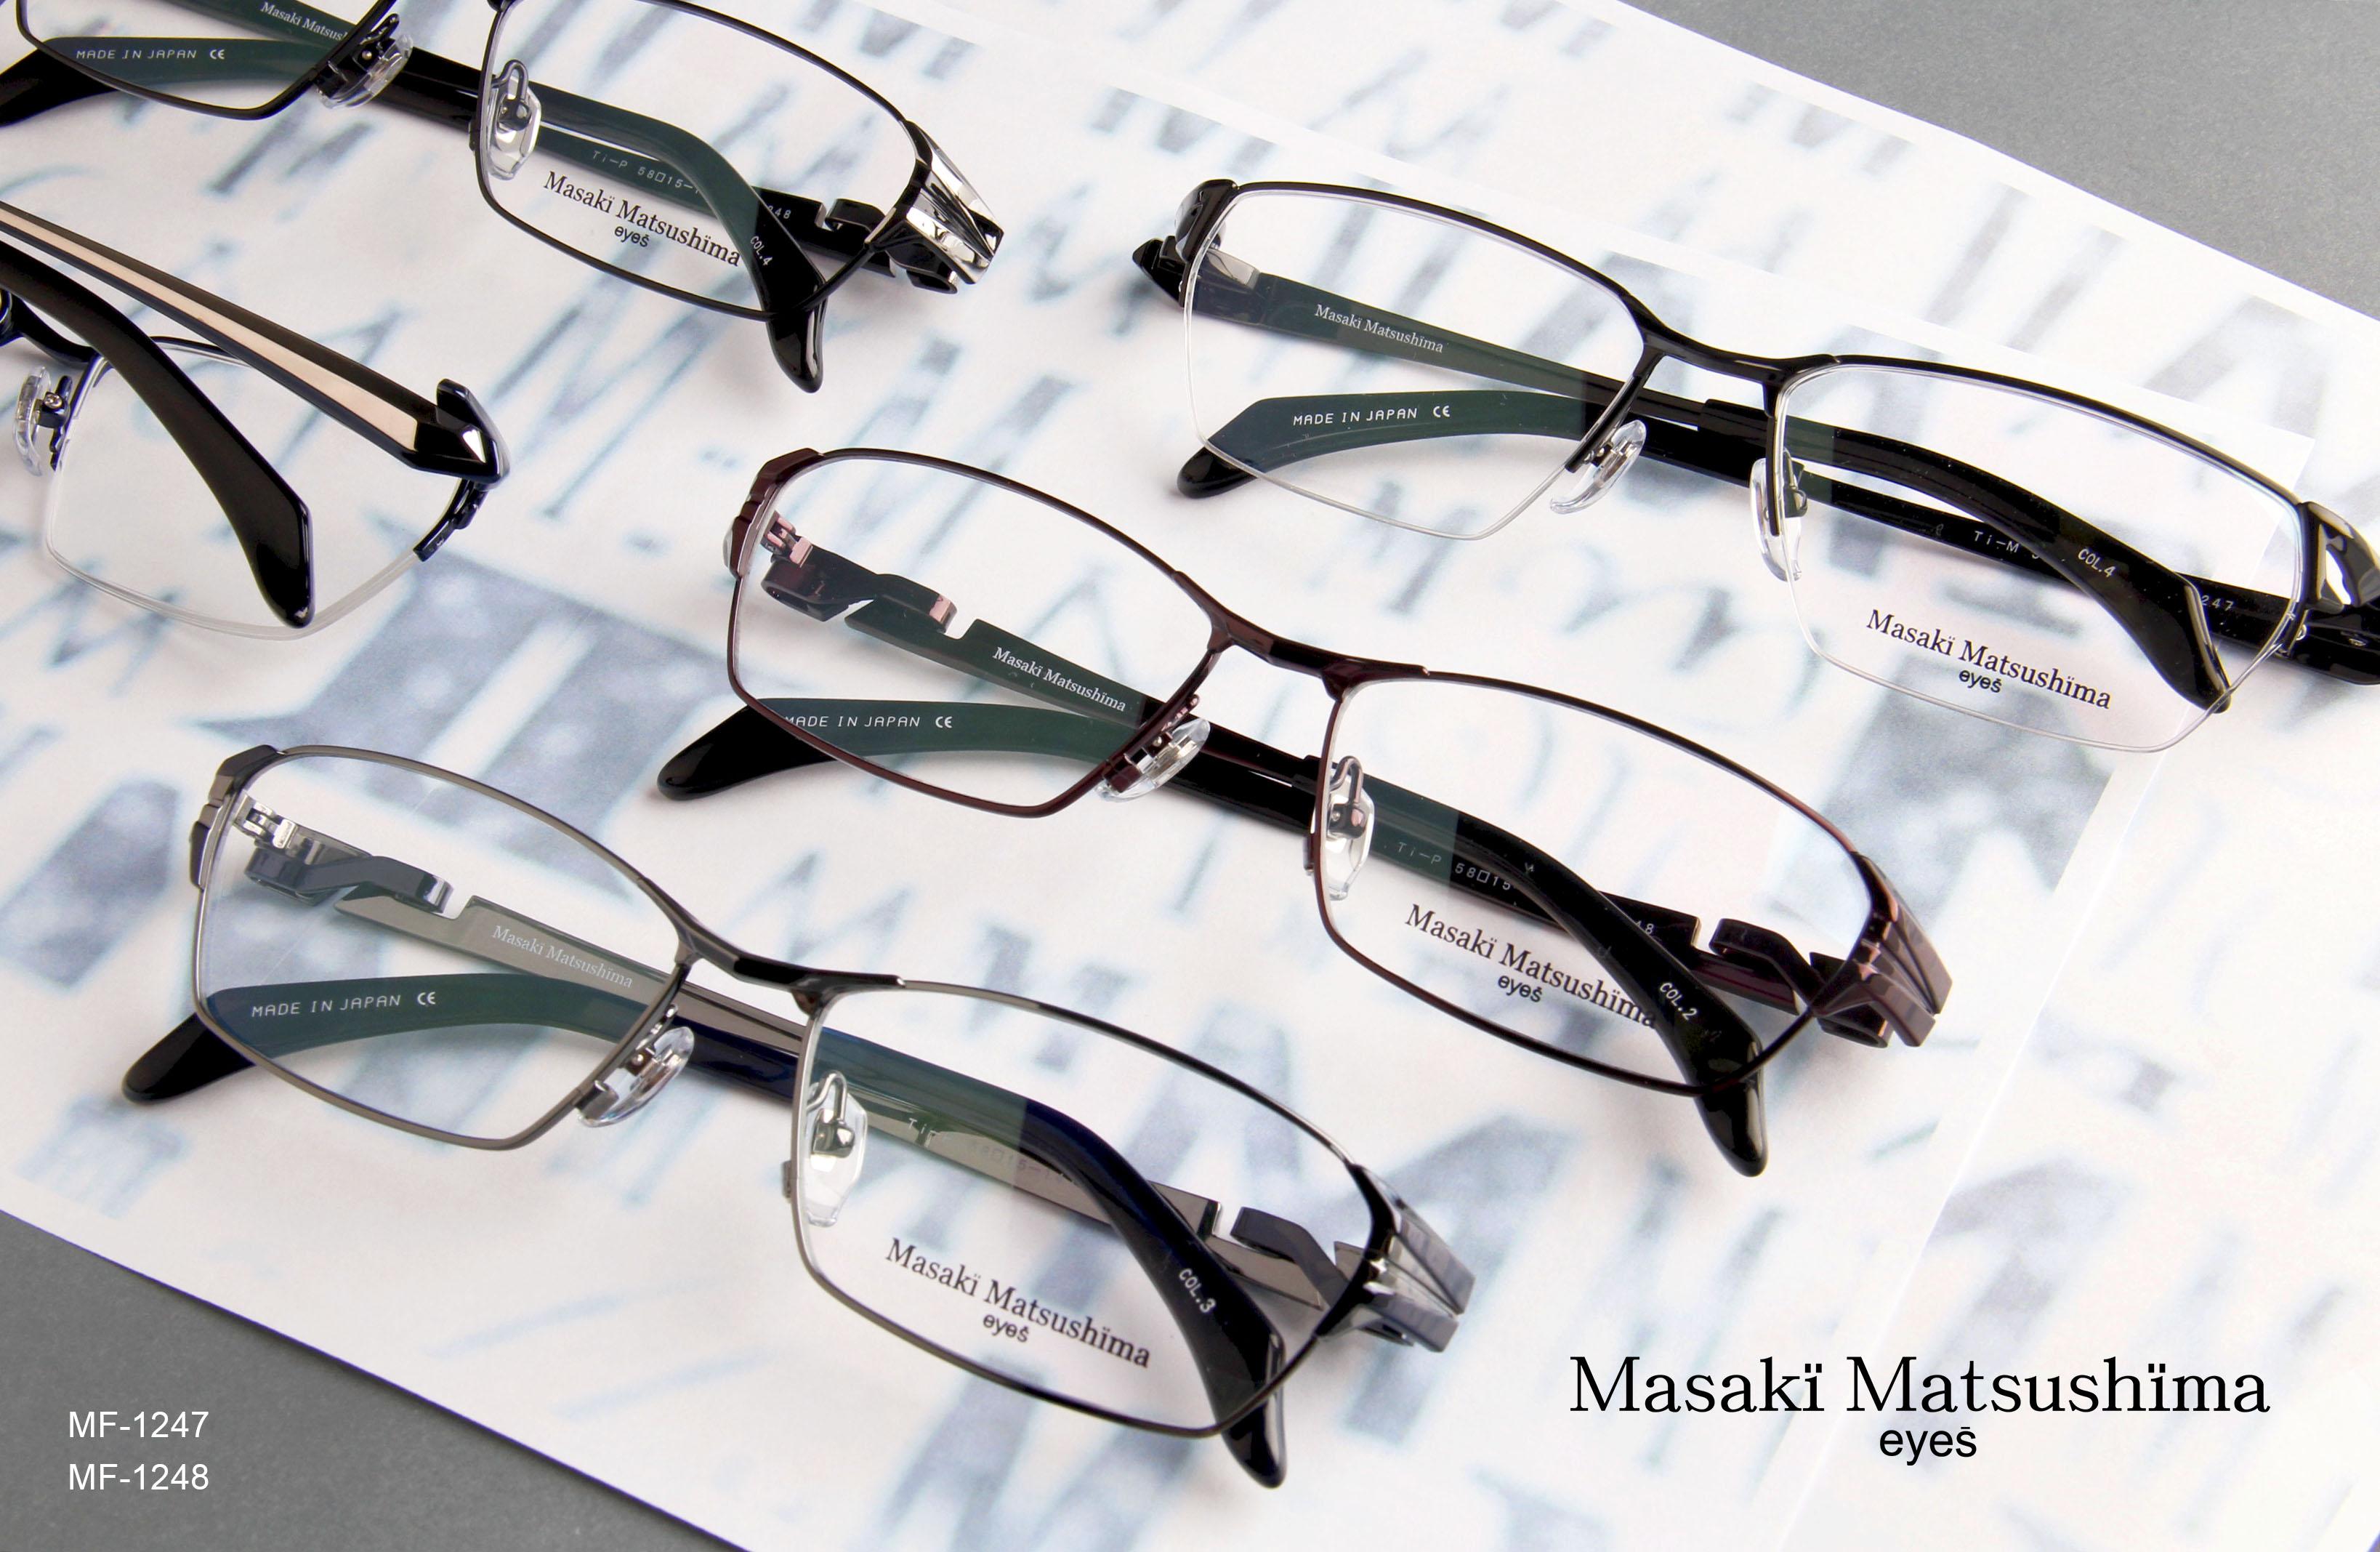 【Masaki Matsushima 日本設計師品牌】經典原創 鑄件創新 2021 新款發表